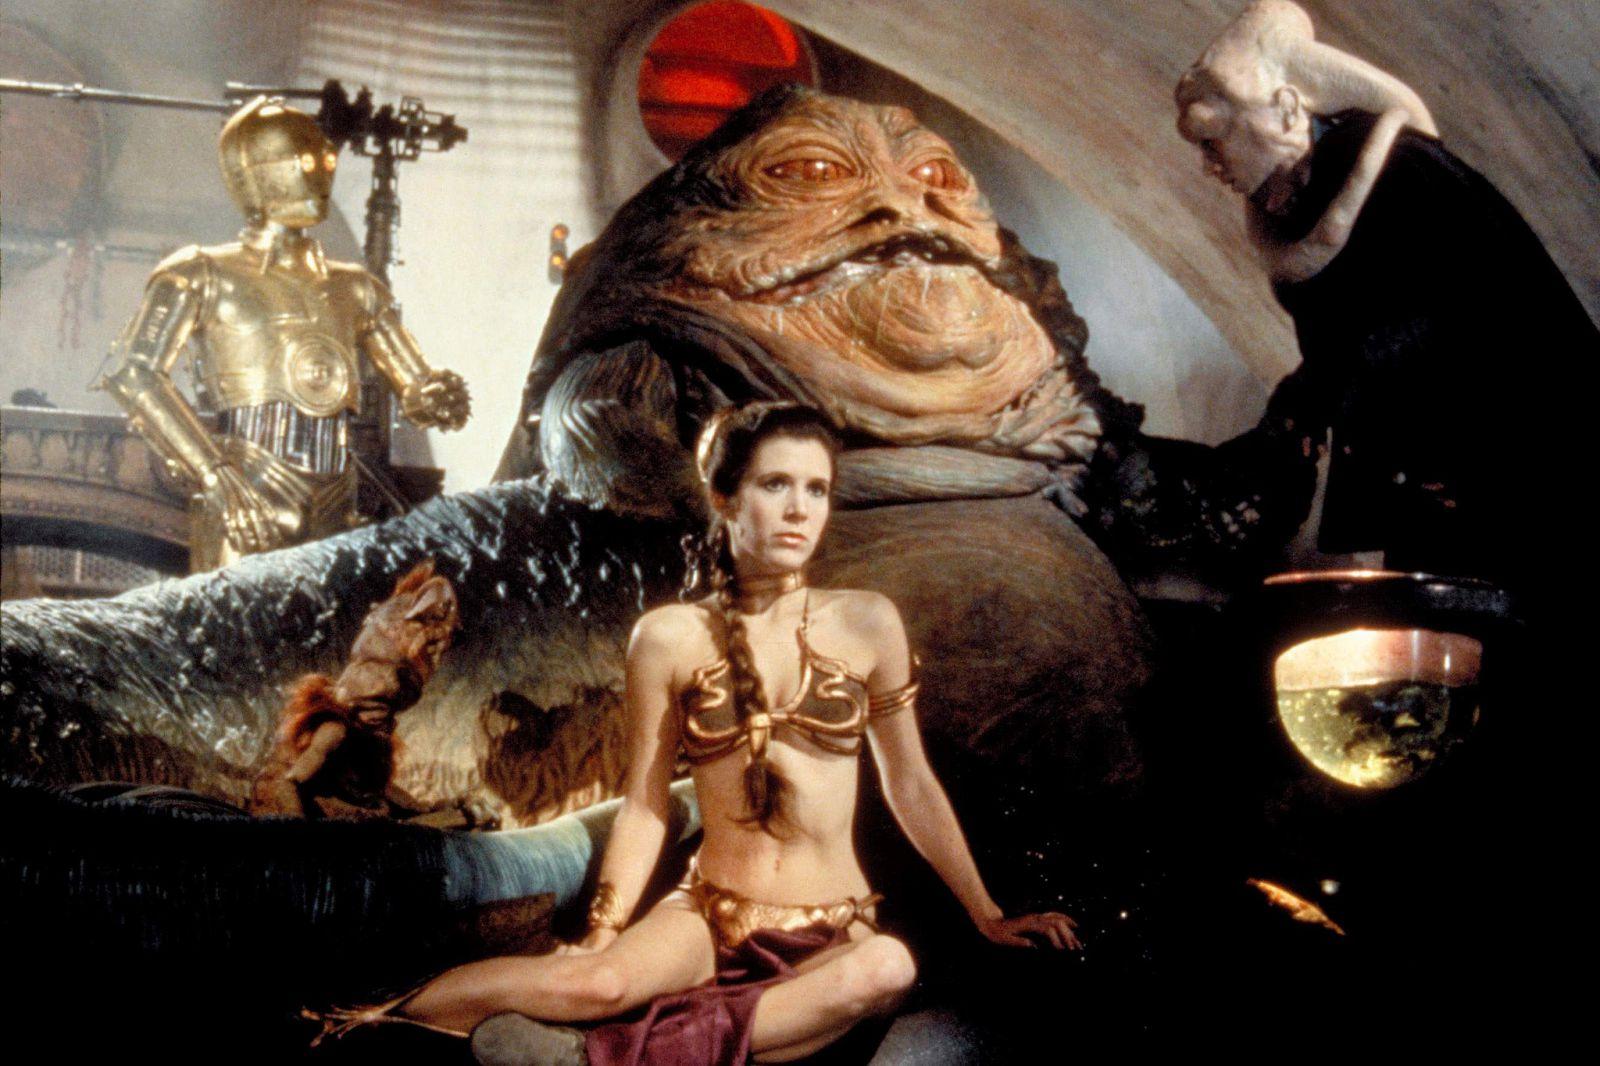 Star wars porn bilder nsfw scene